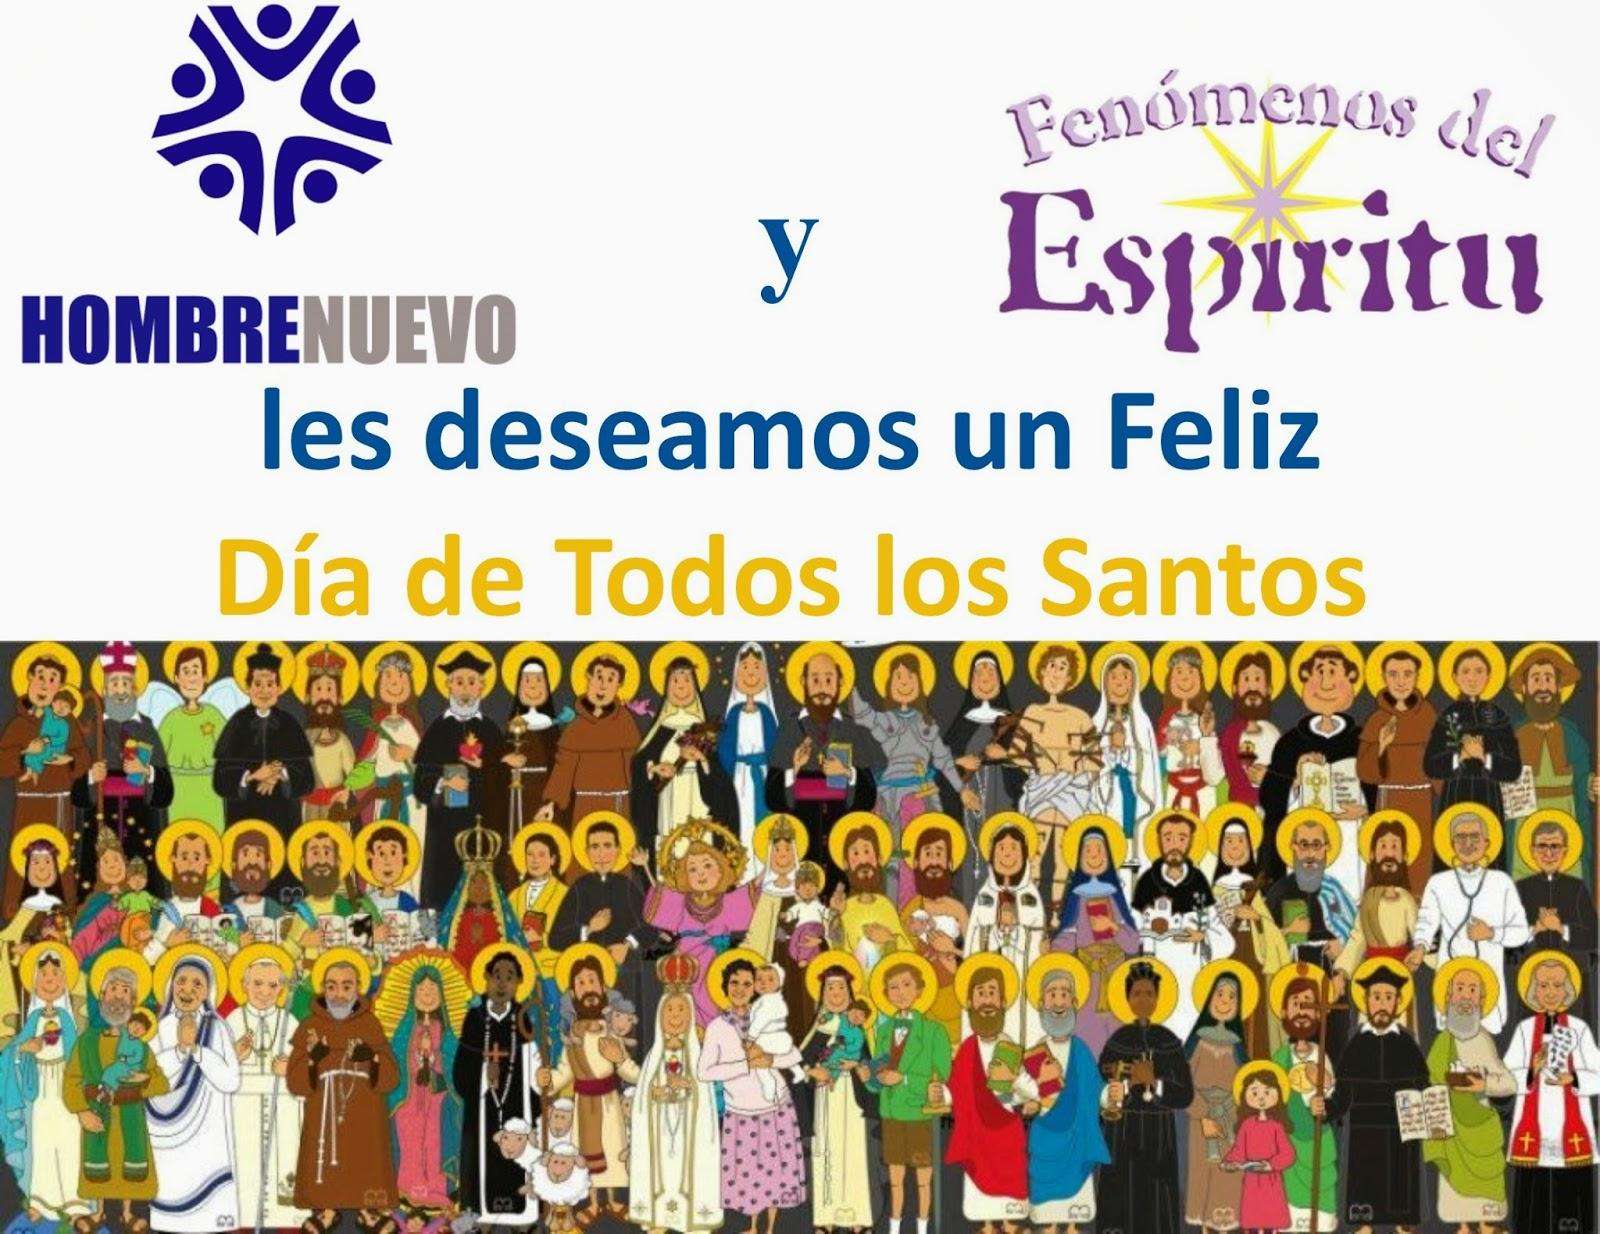 Dia Todos Los Santos 2013 Feliz Día de Todos Los Santos